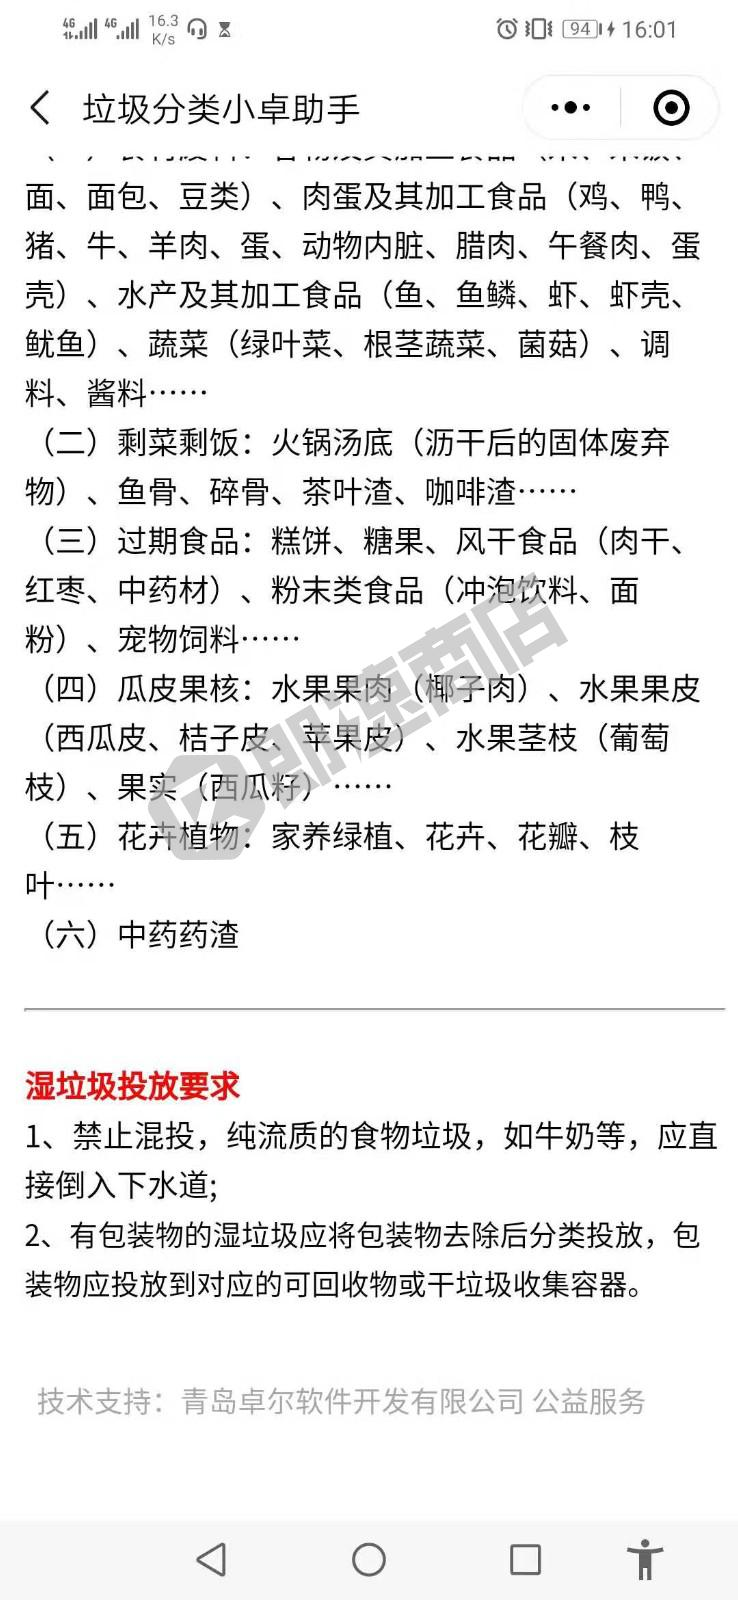 卓尔垃圾分类管家小程序详情页截图1